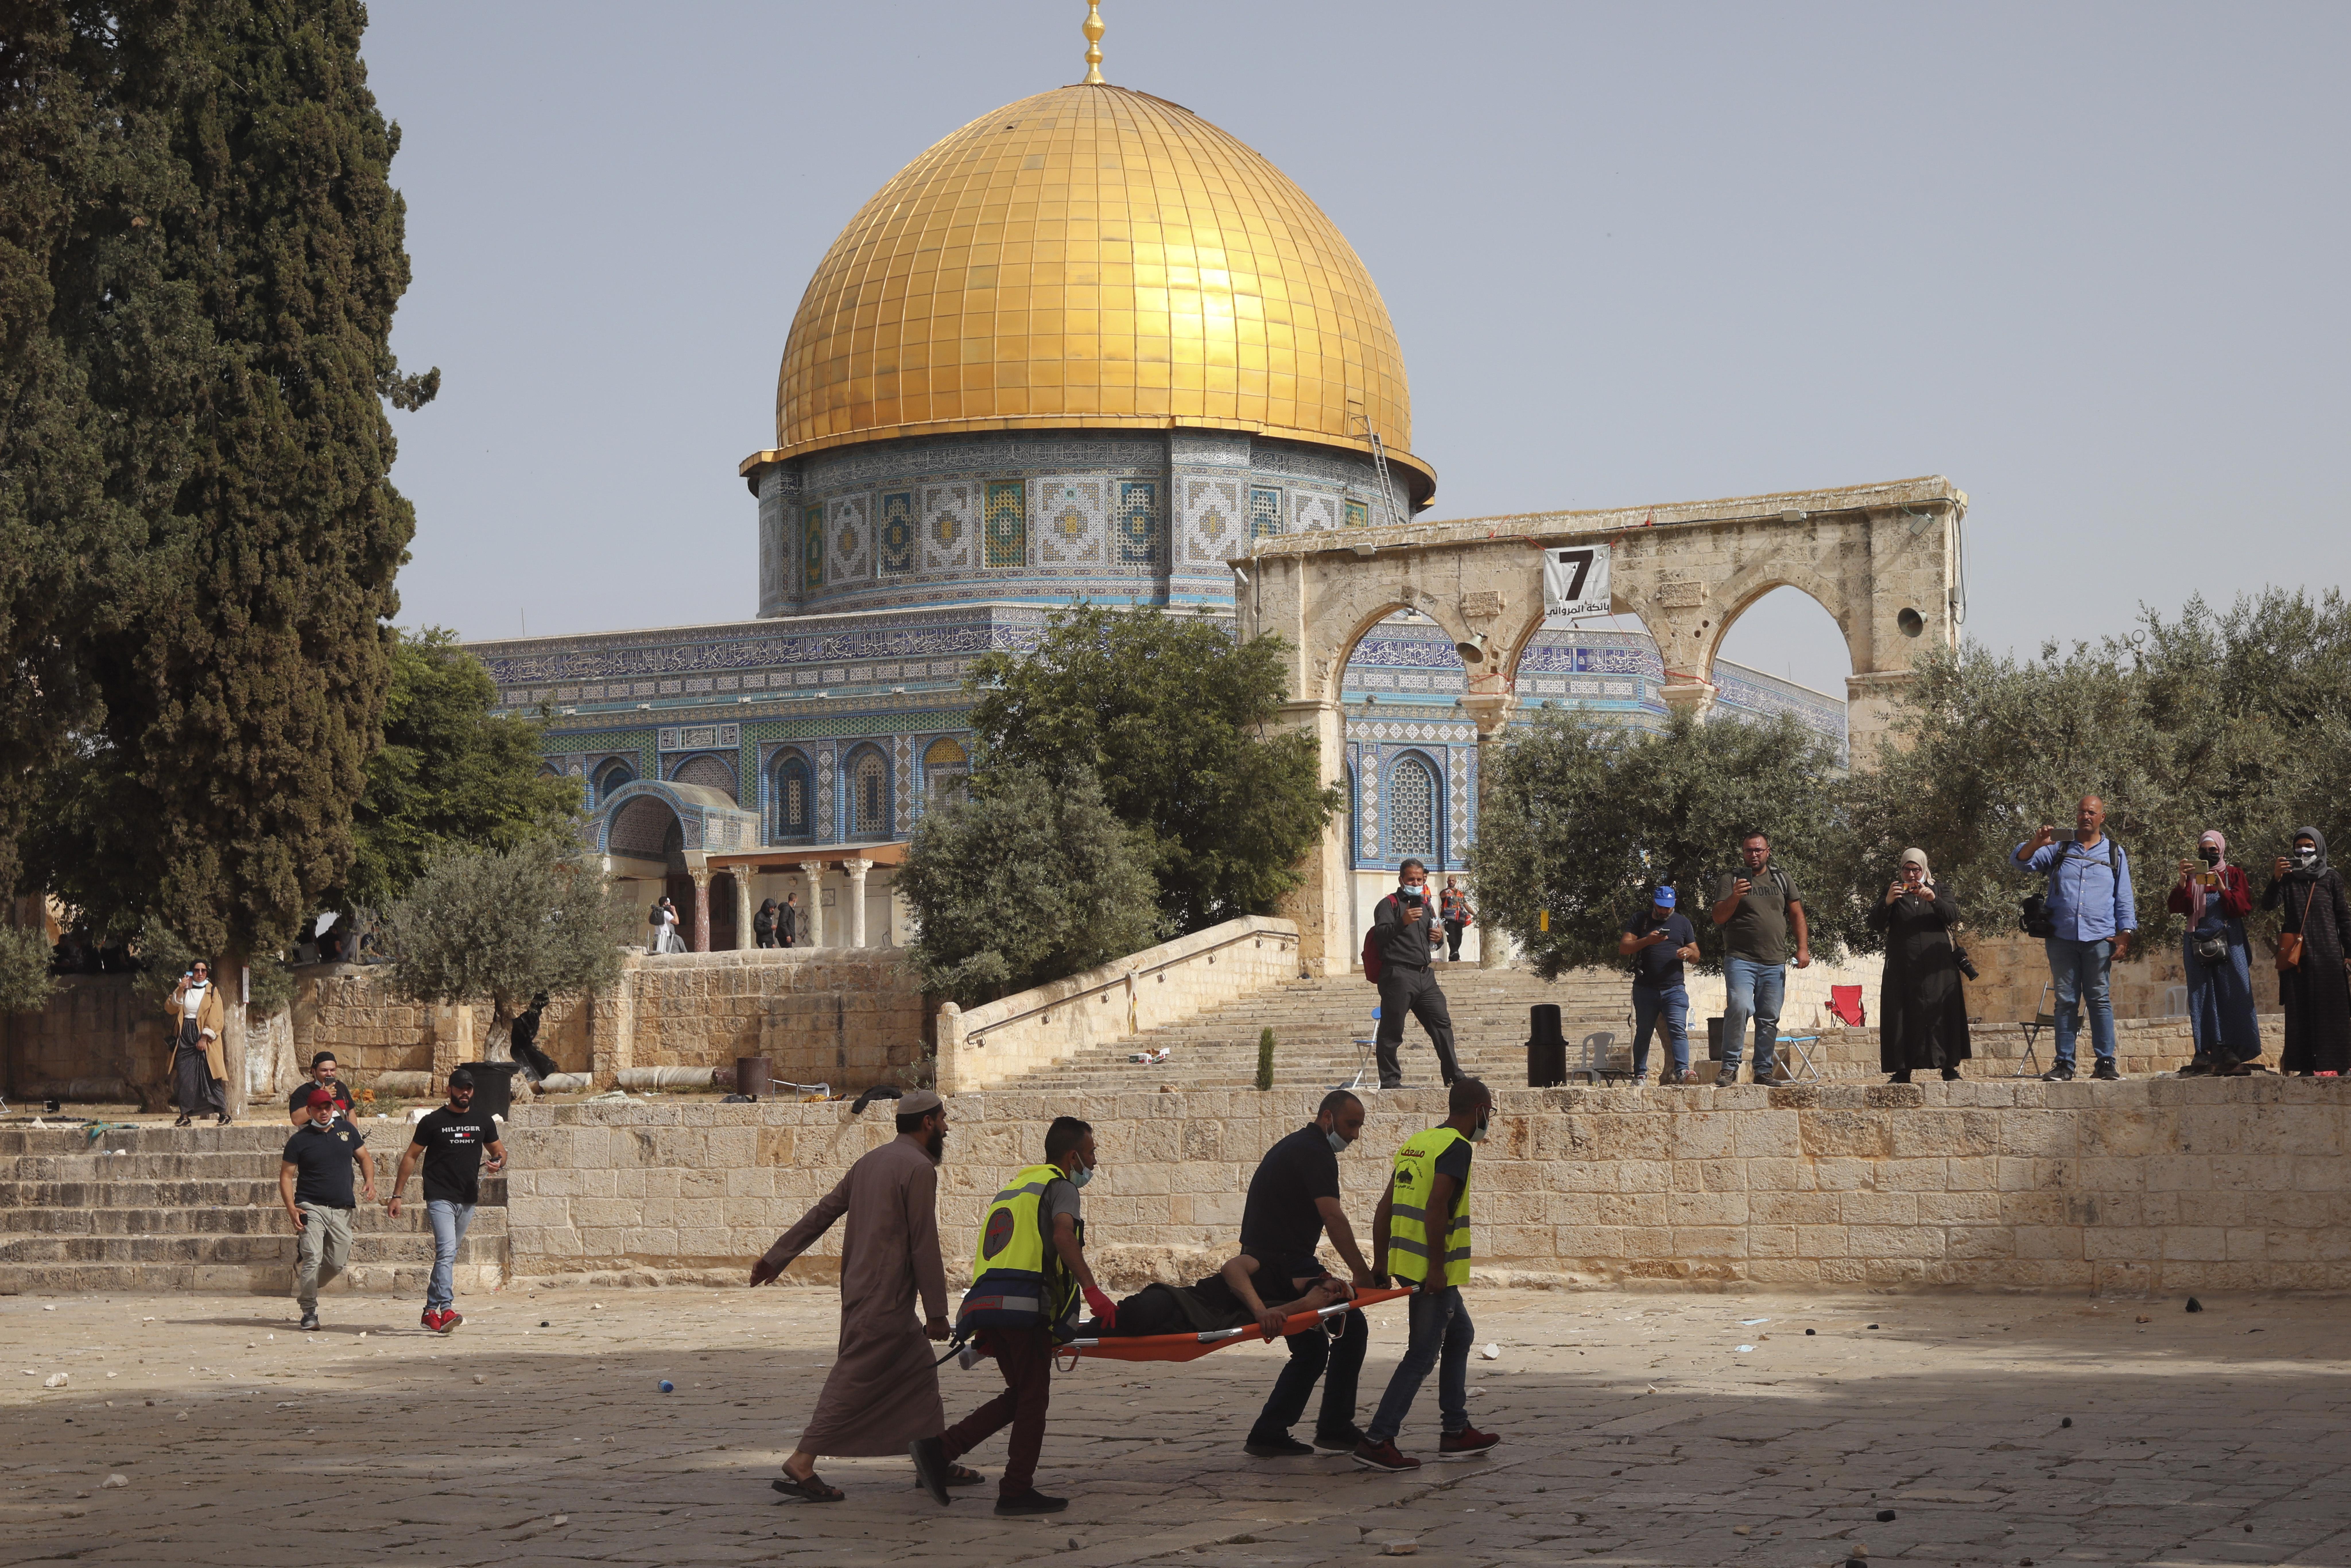 הסהר האדום מפנה פצועים מהר הבית / צילום: Associated Press, Mahmoud Illean